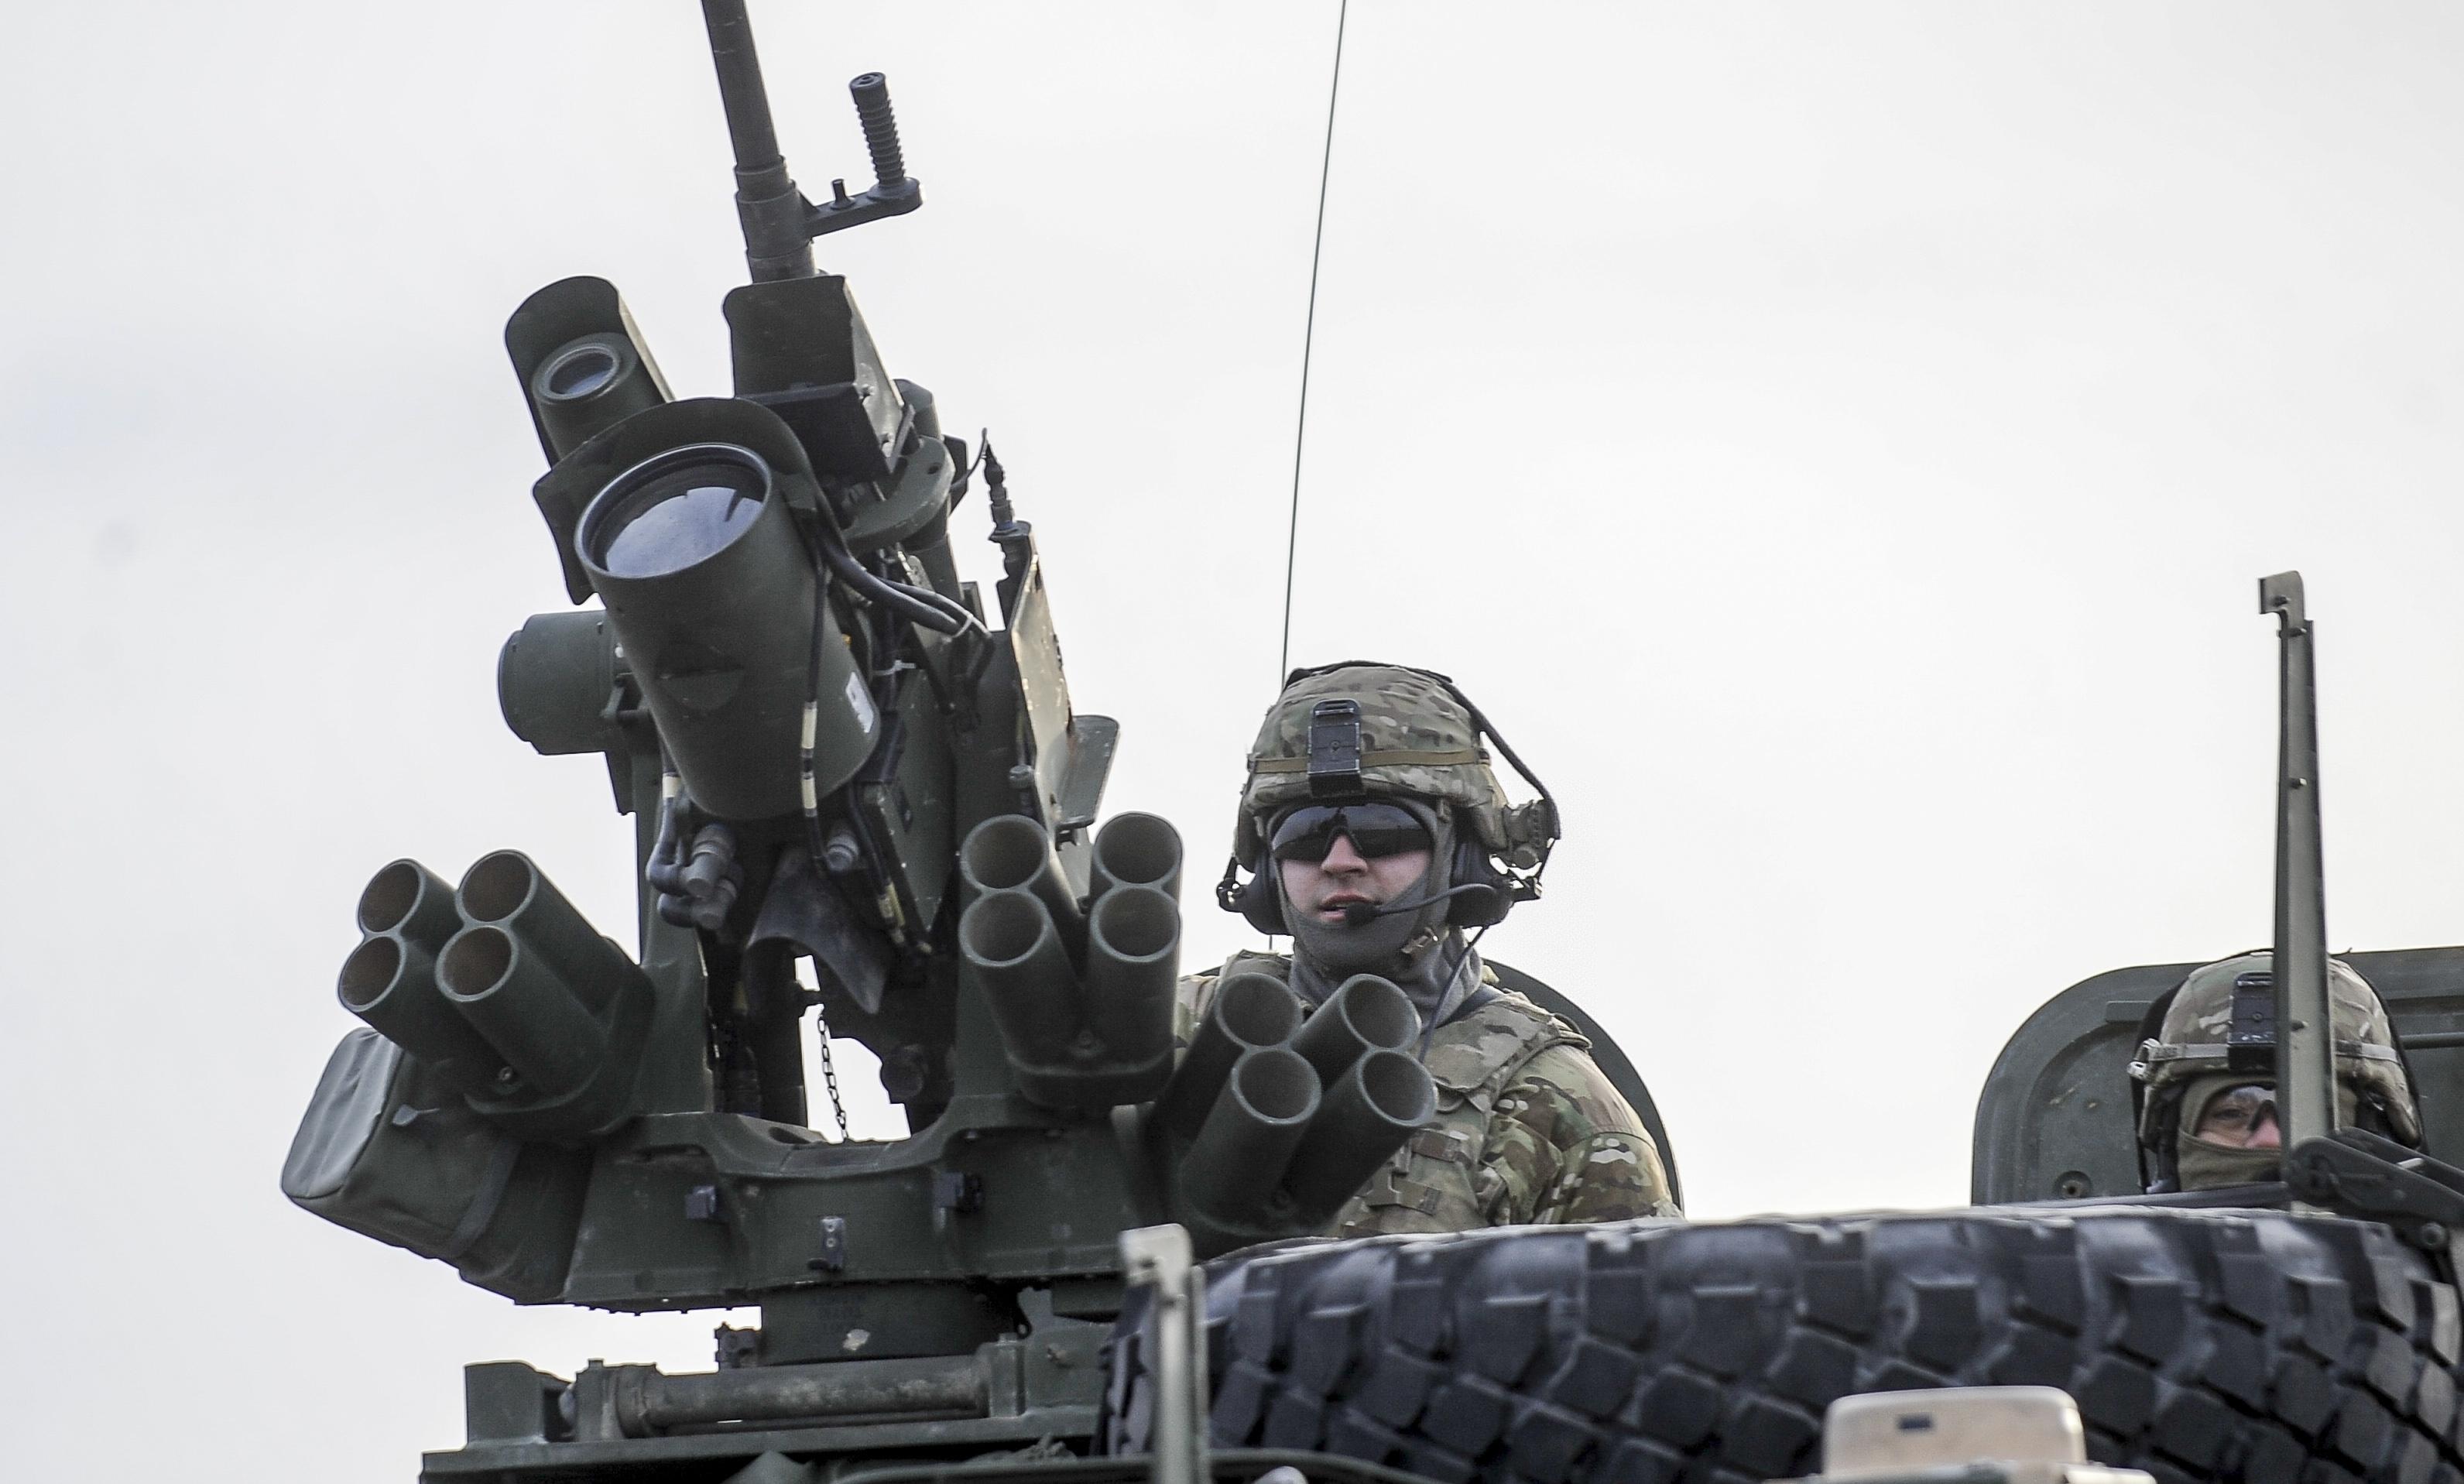 csm_ukrajinska_vojska_tenk_sinhua_61221a5676